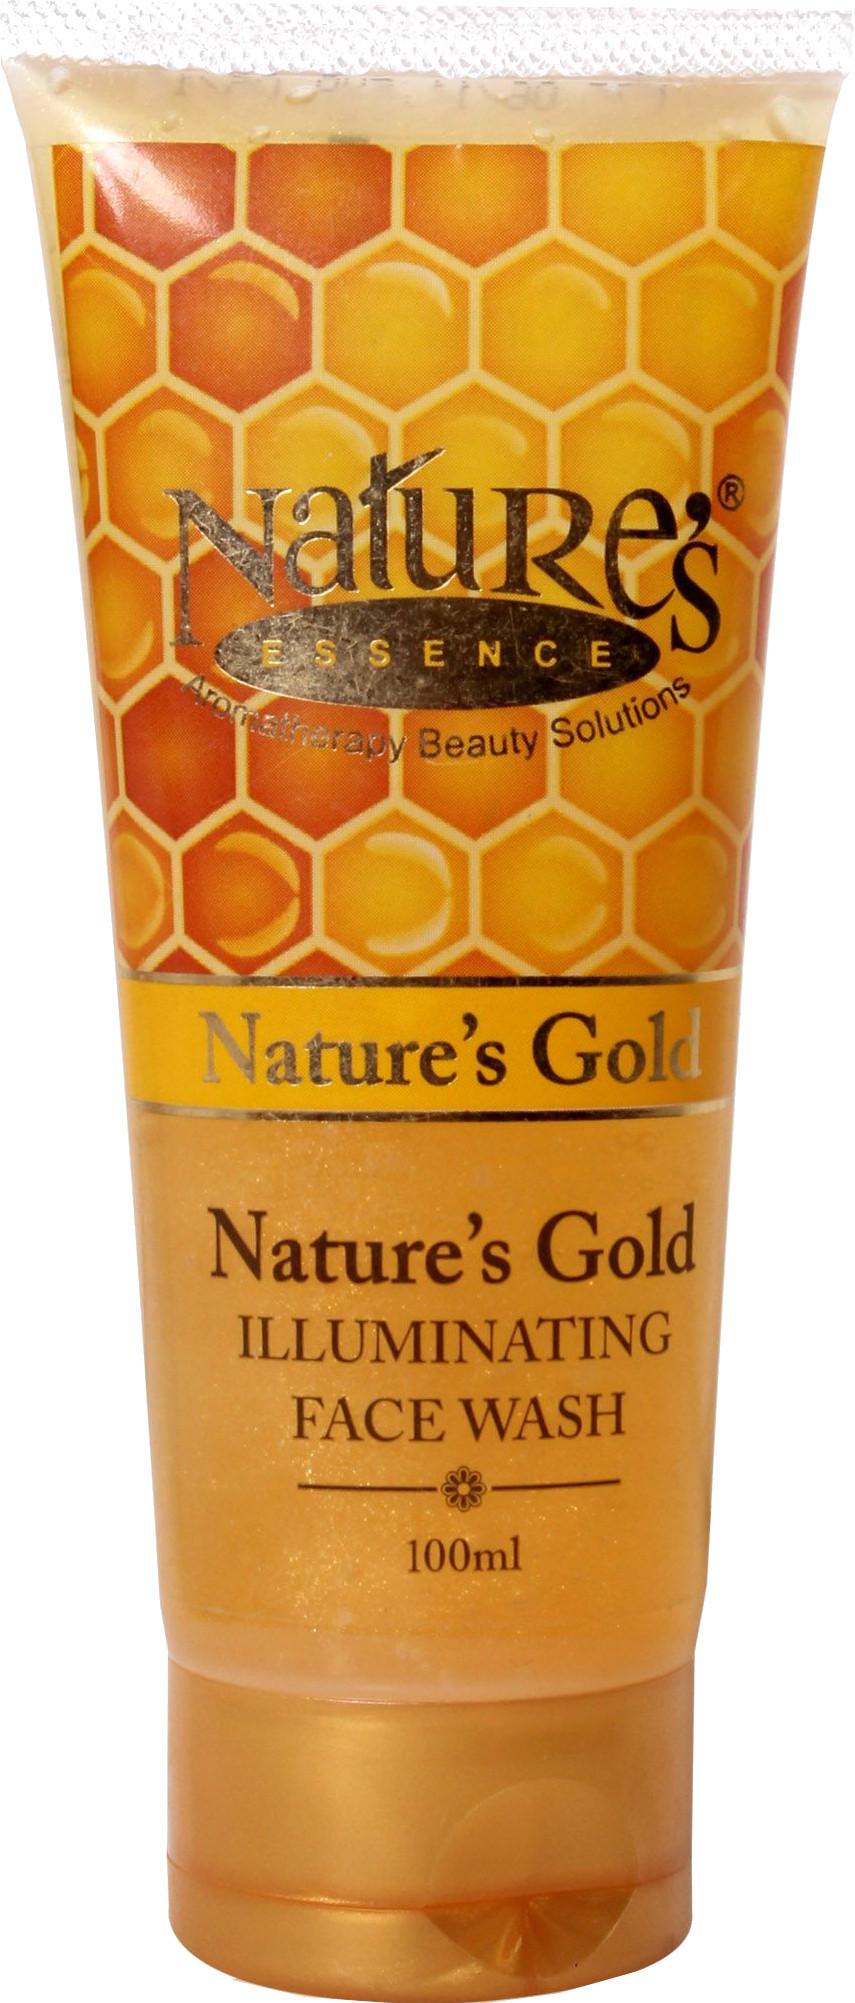 Natures gold facial